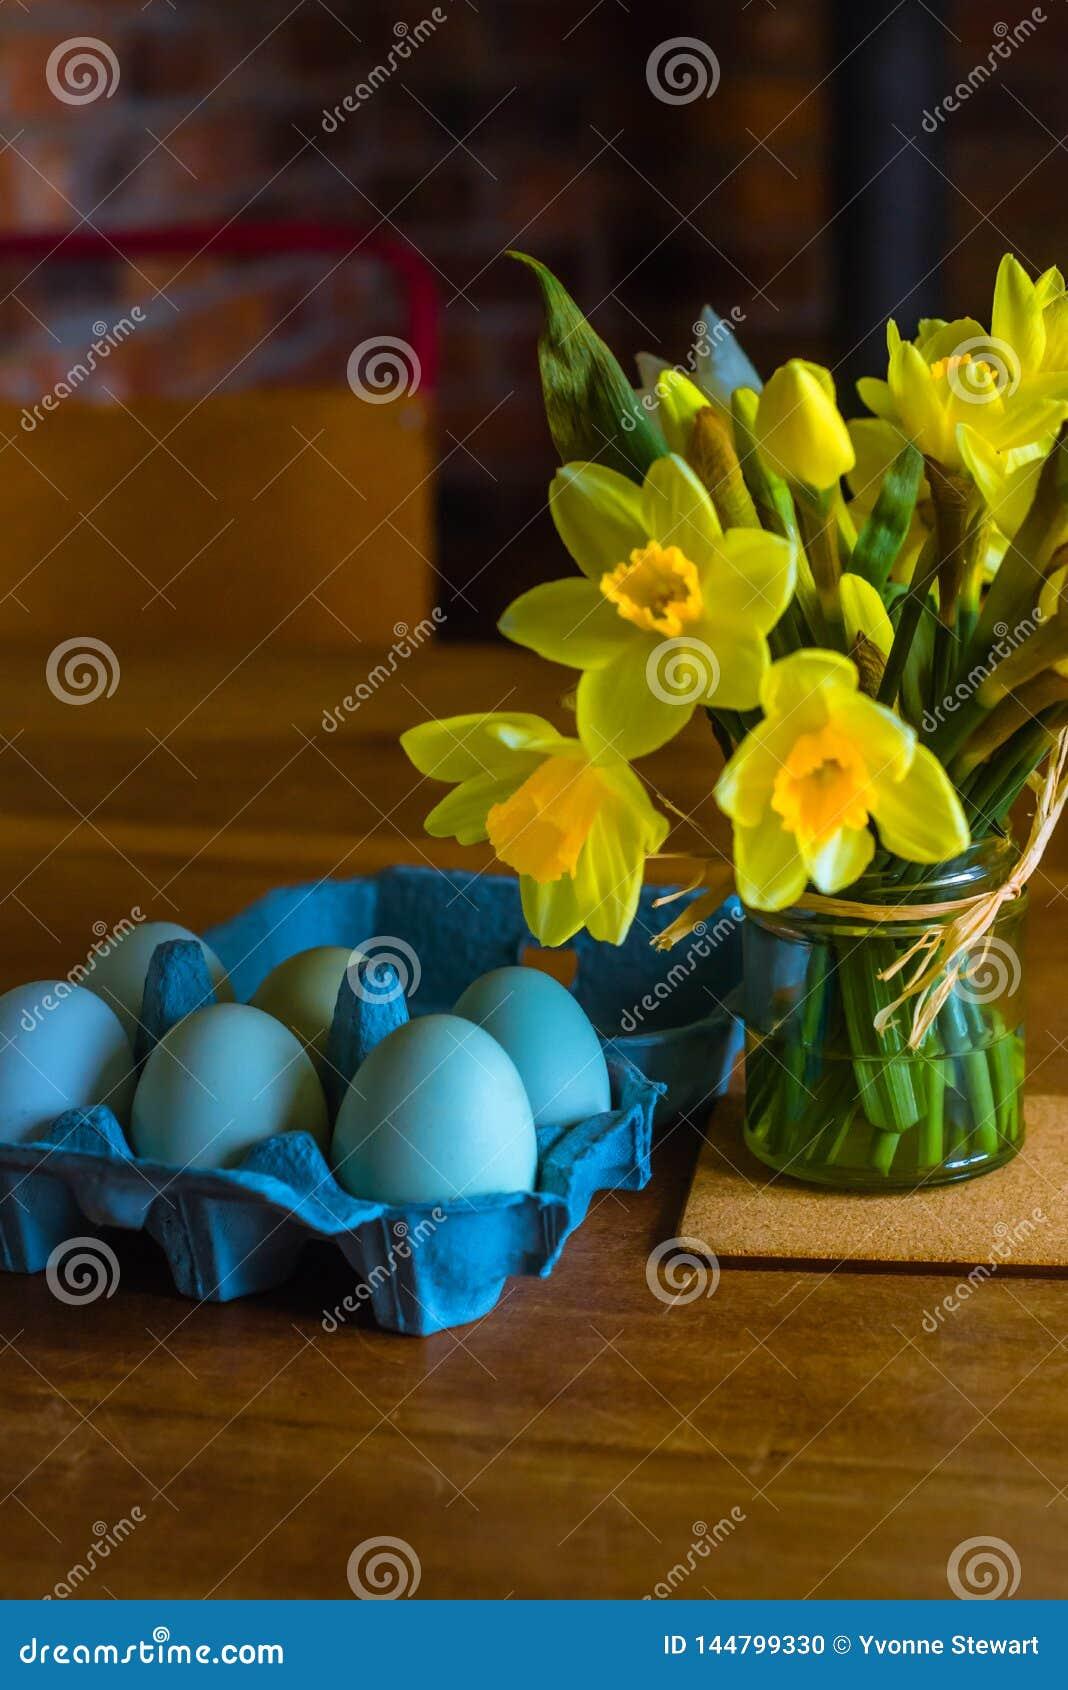 Голубые яйца и желтые Daffodils на кухонном столе